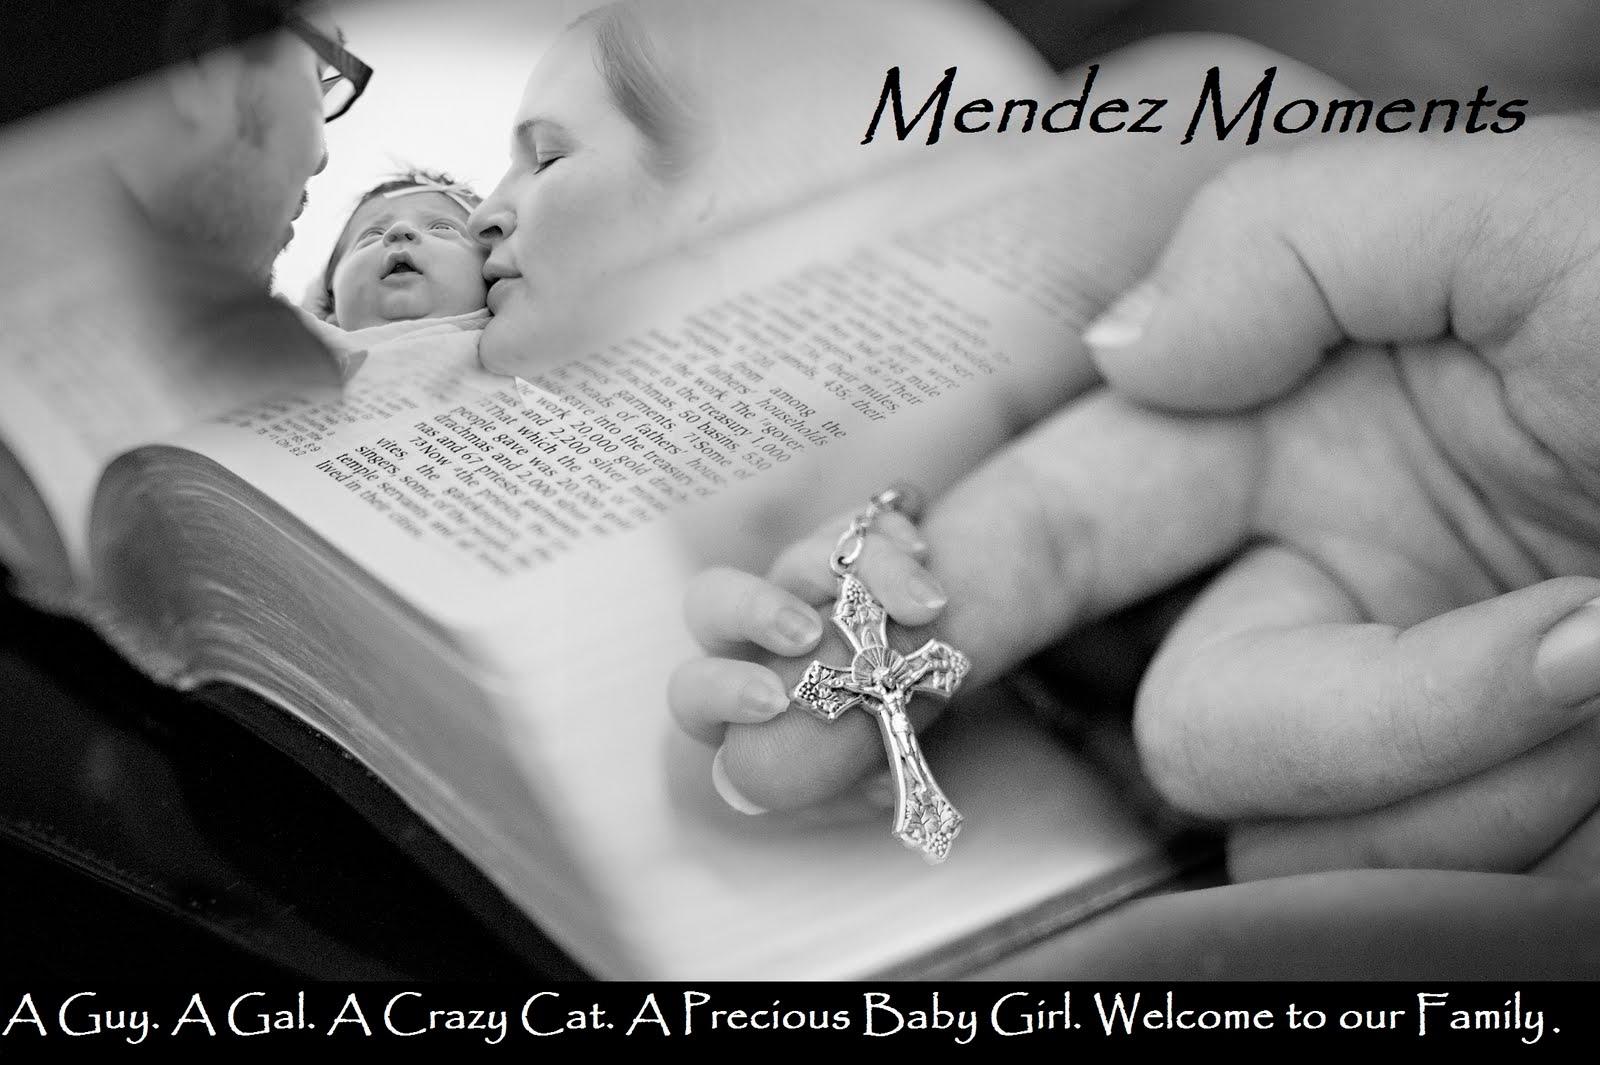 Mendez Moments